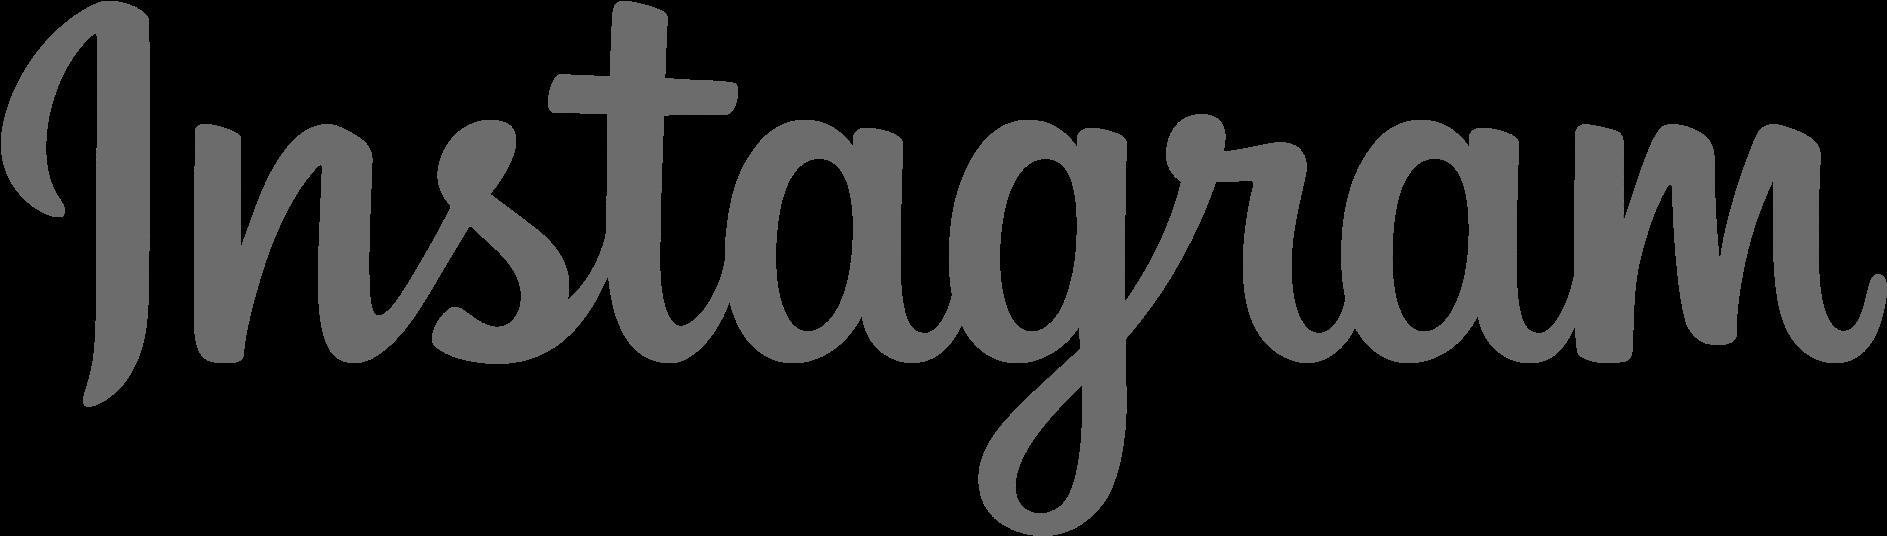 Instagram Logo PNG Transparent Image